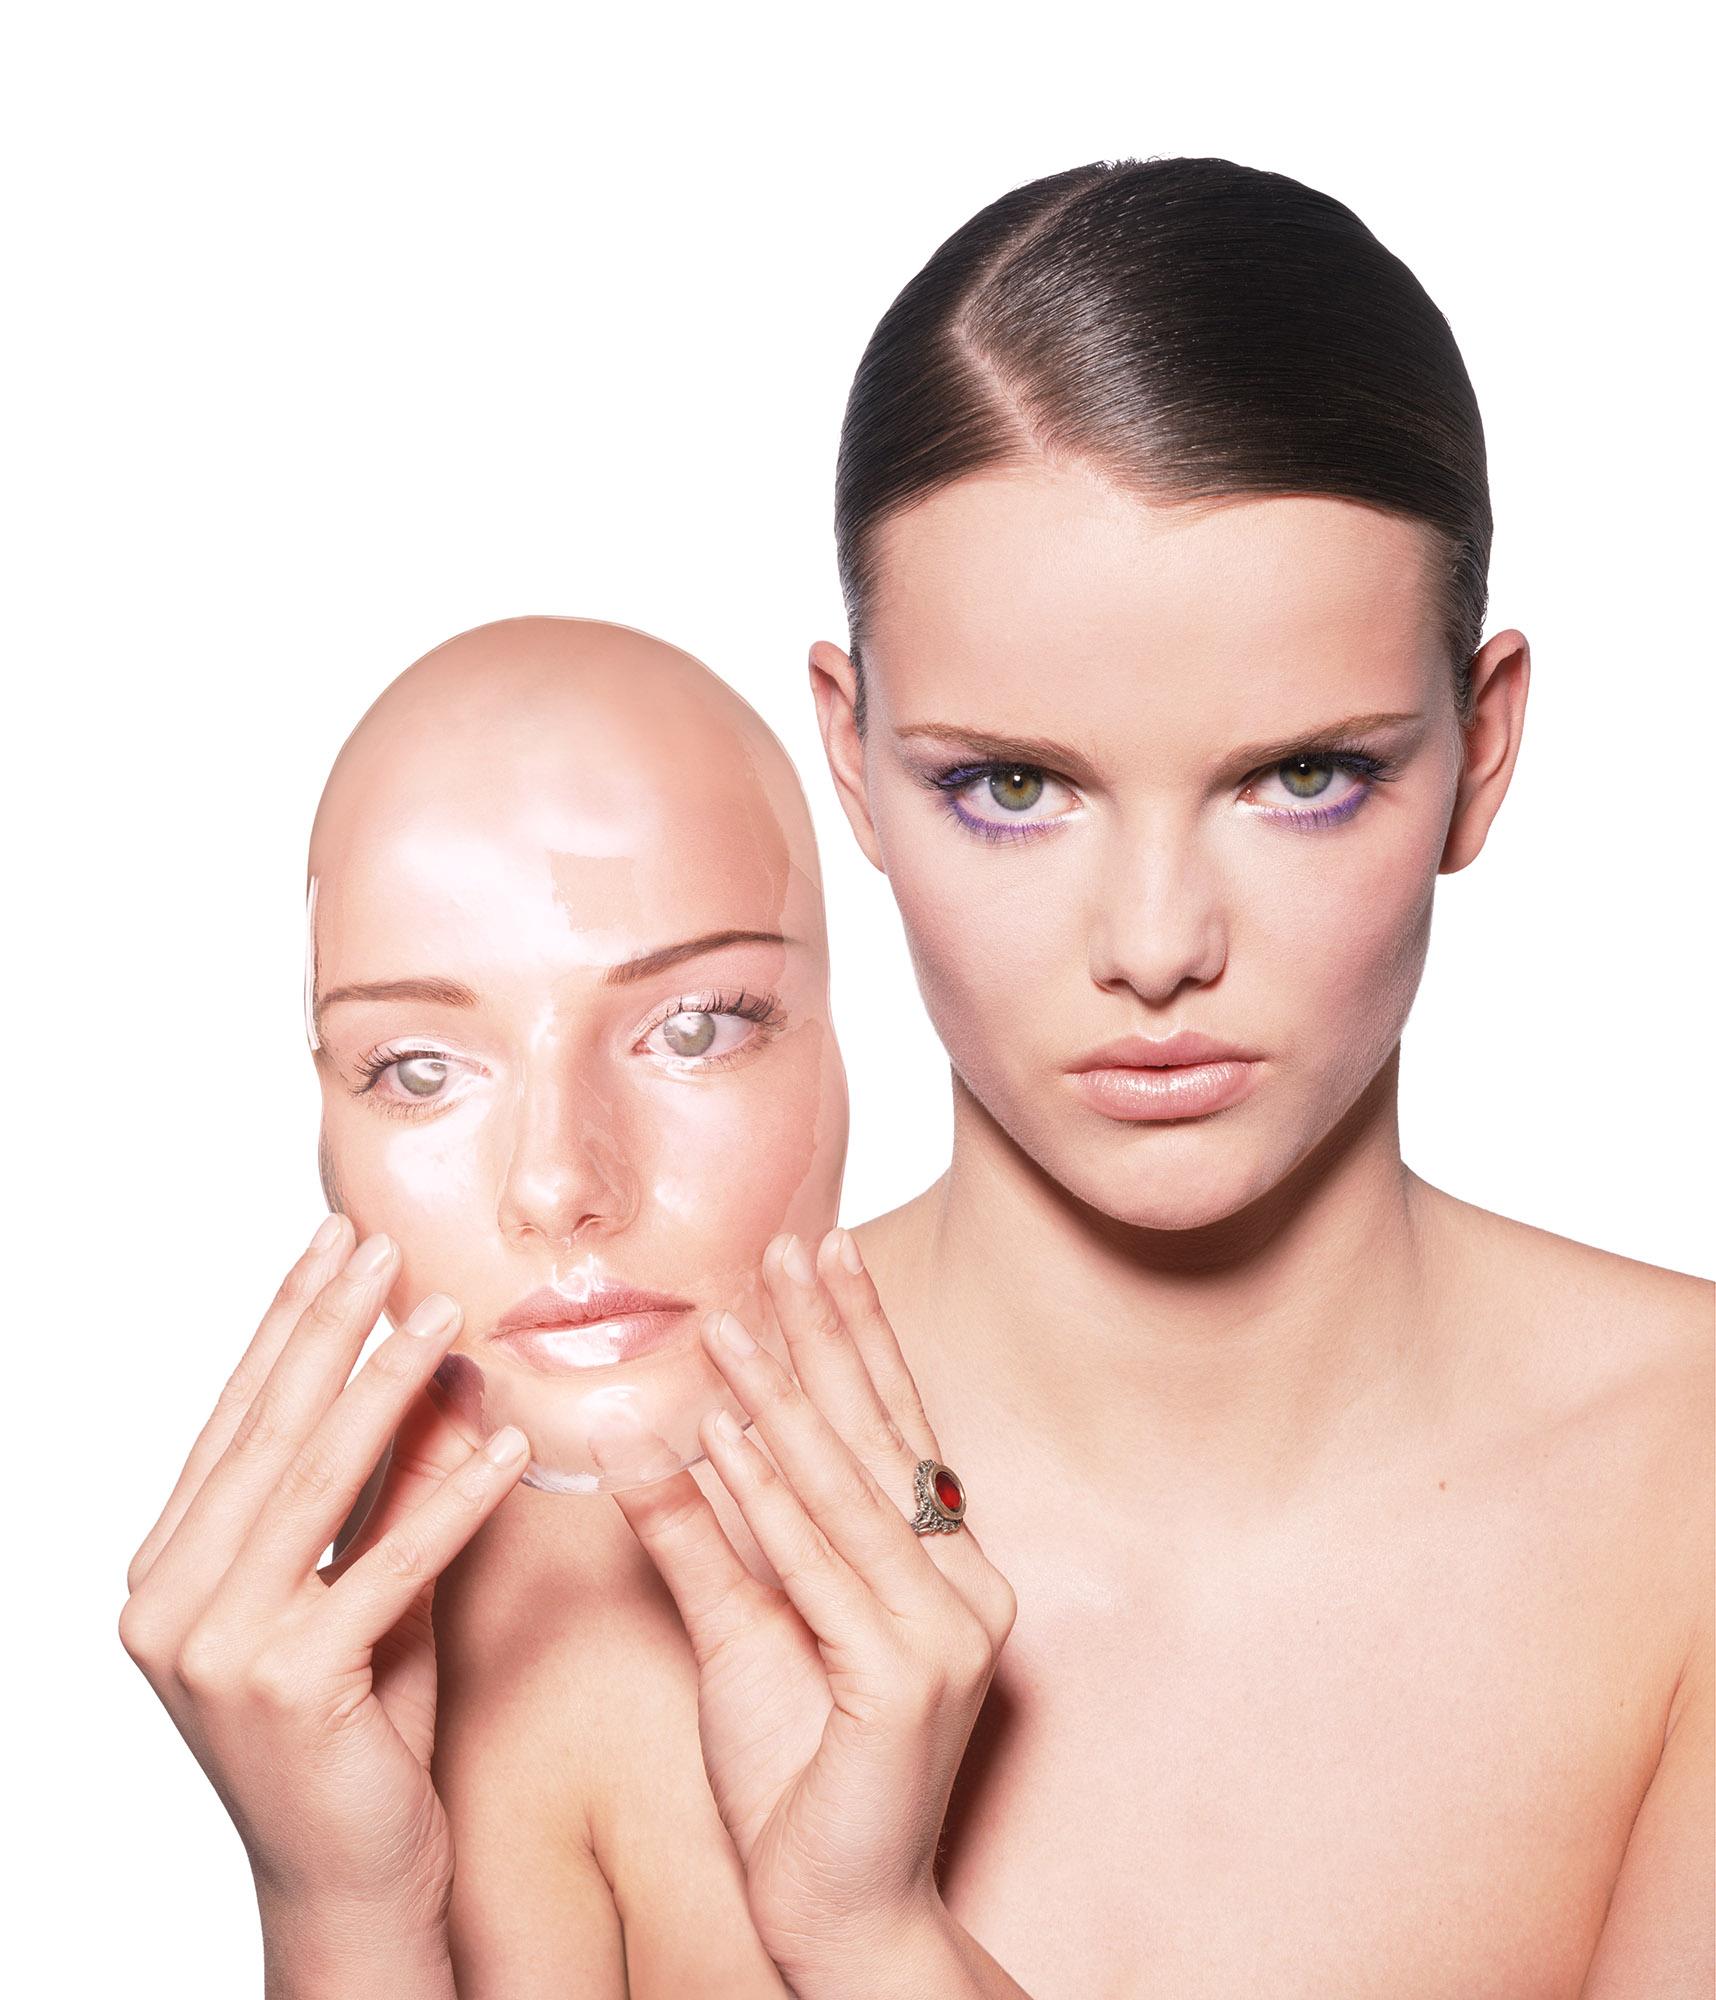 Fotomodel met masker van eigen gezicht